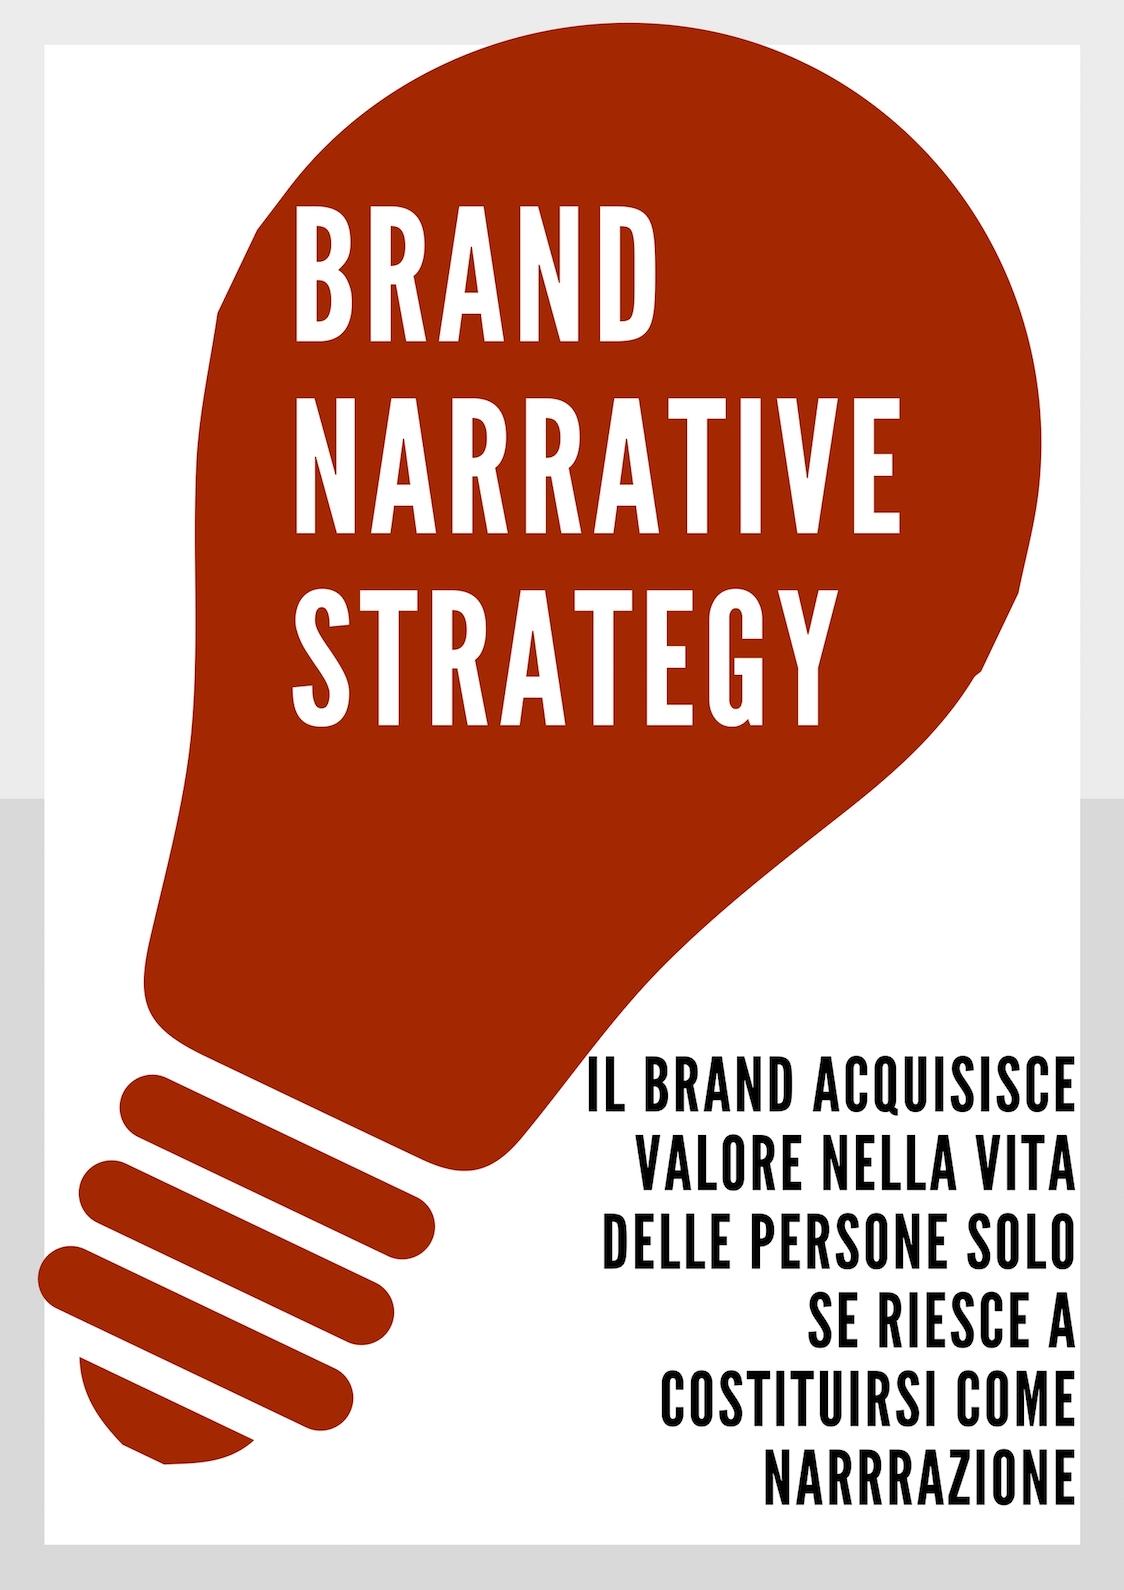 Strategia narrativa